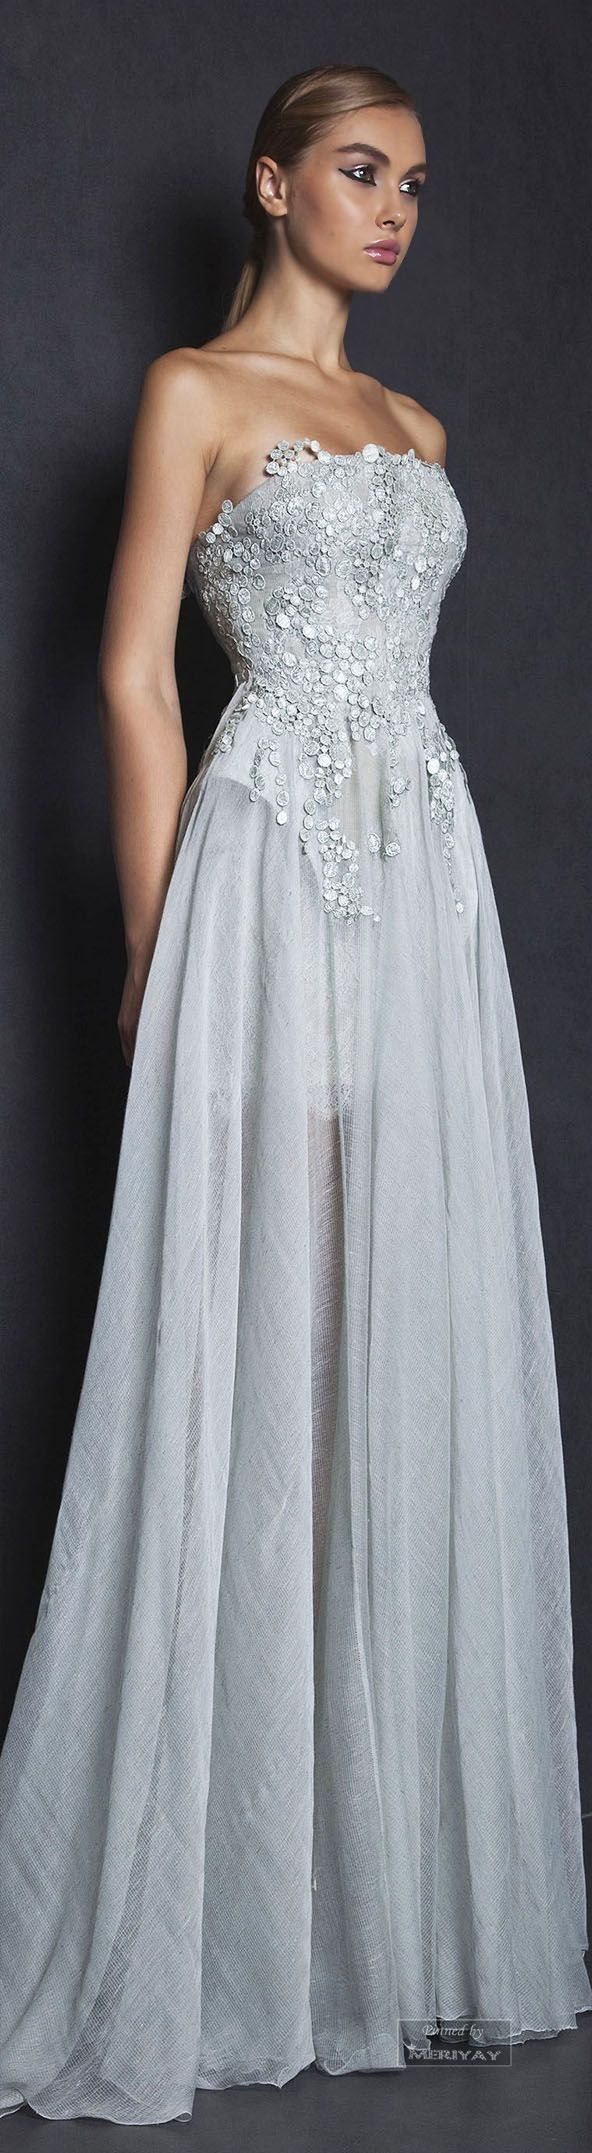 best Fashion images on Pinterest Formal evening dresses